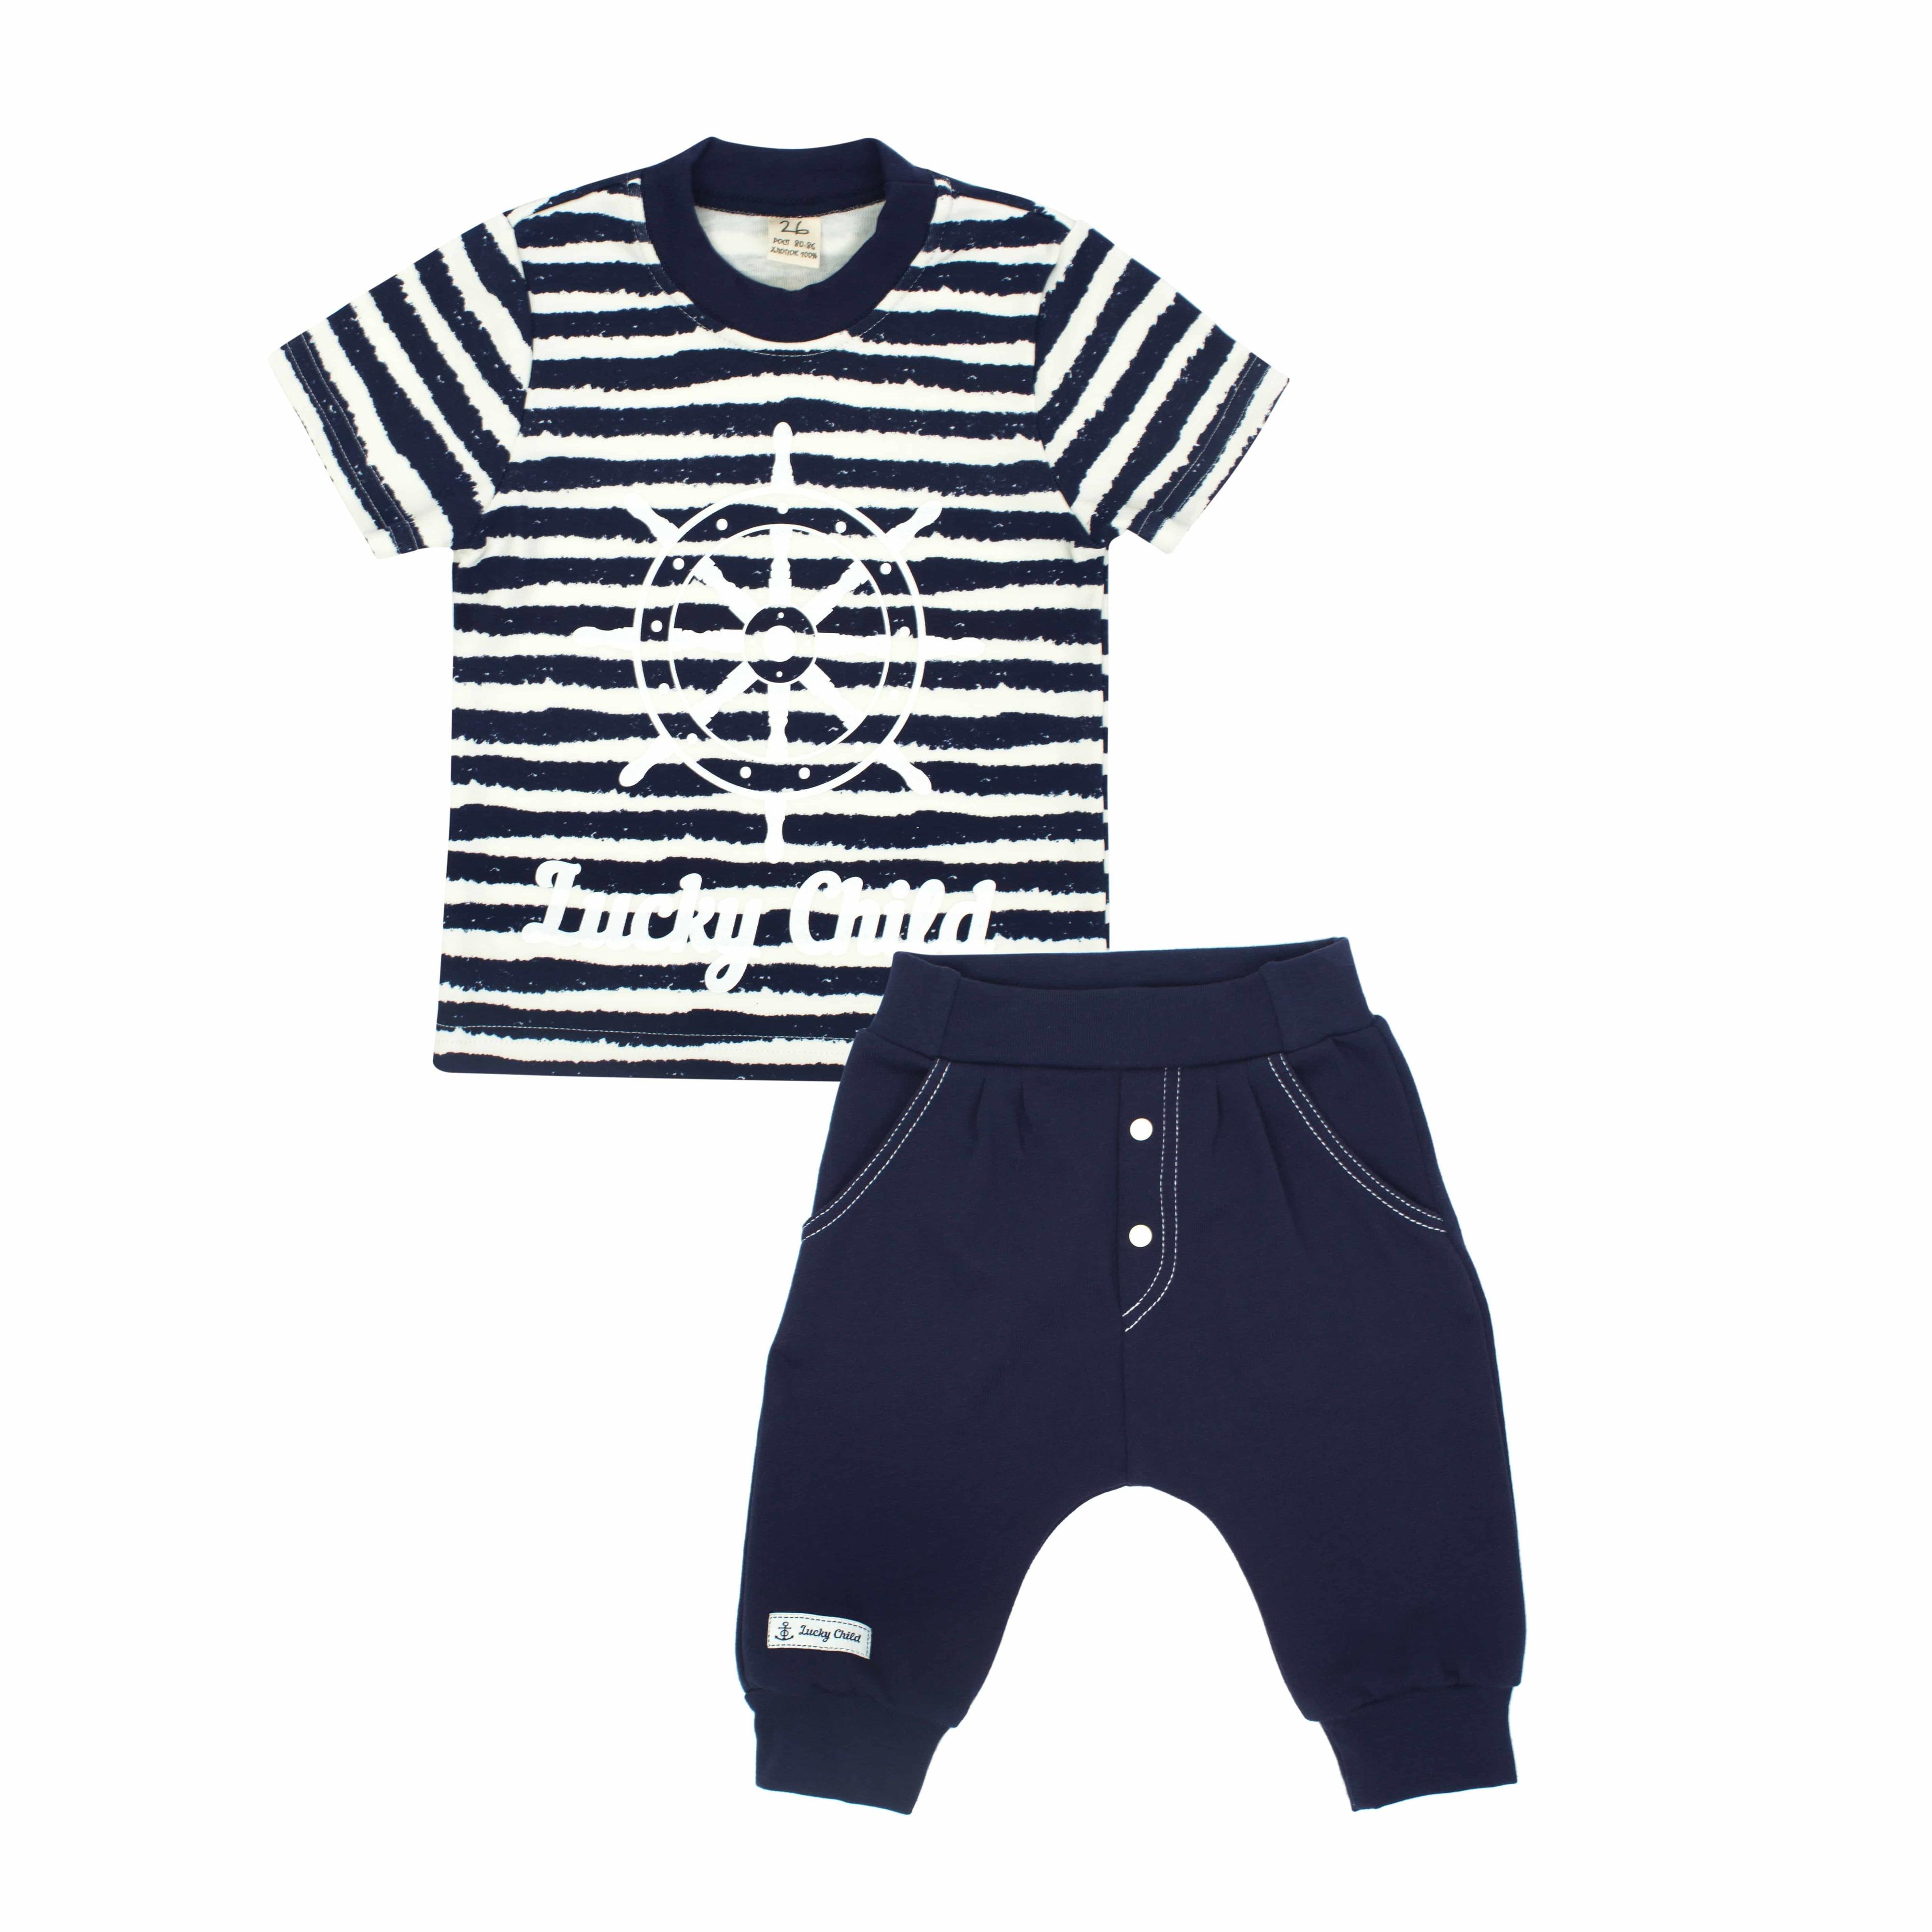 Комплект футболка и бриджи для мальчика